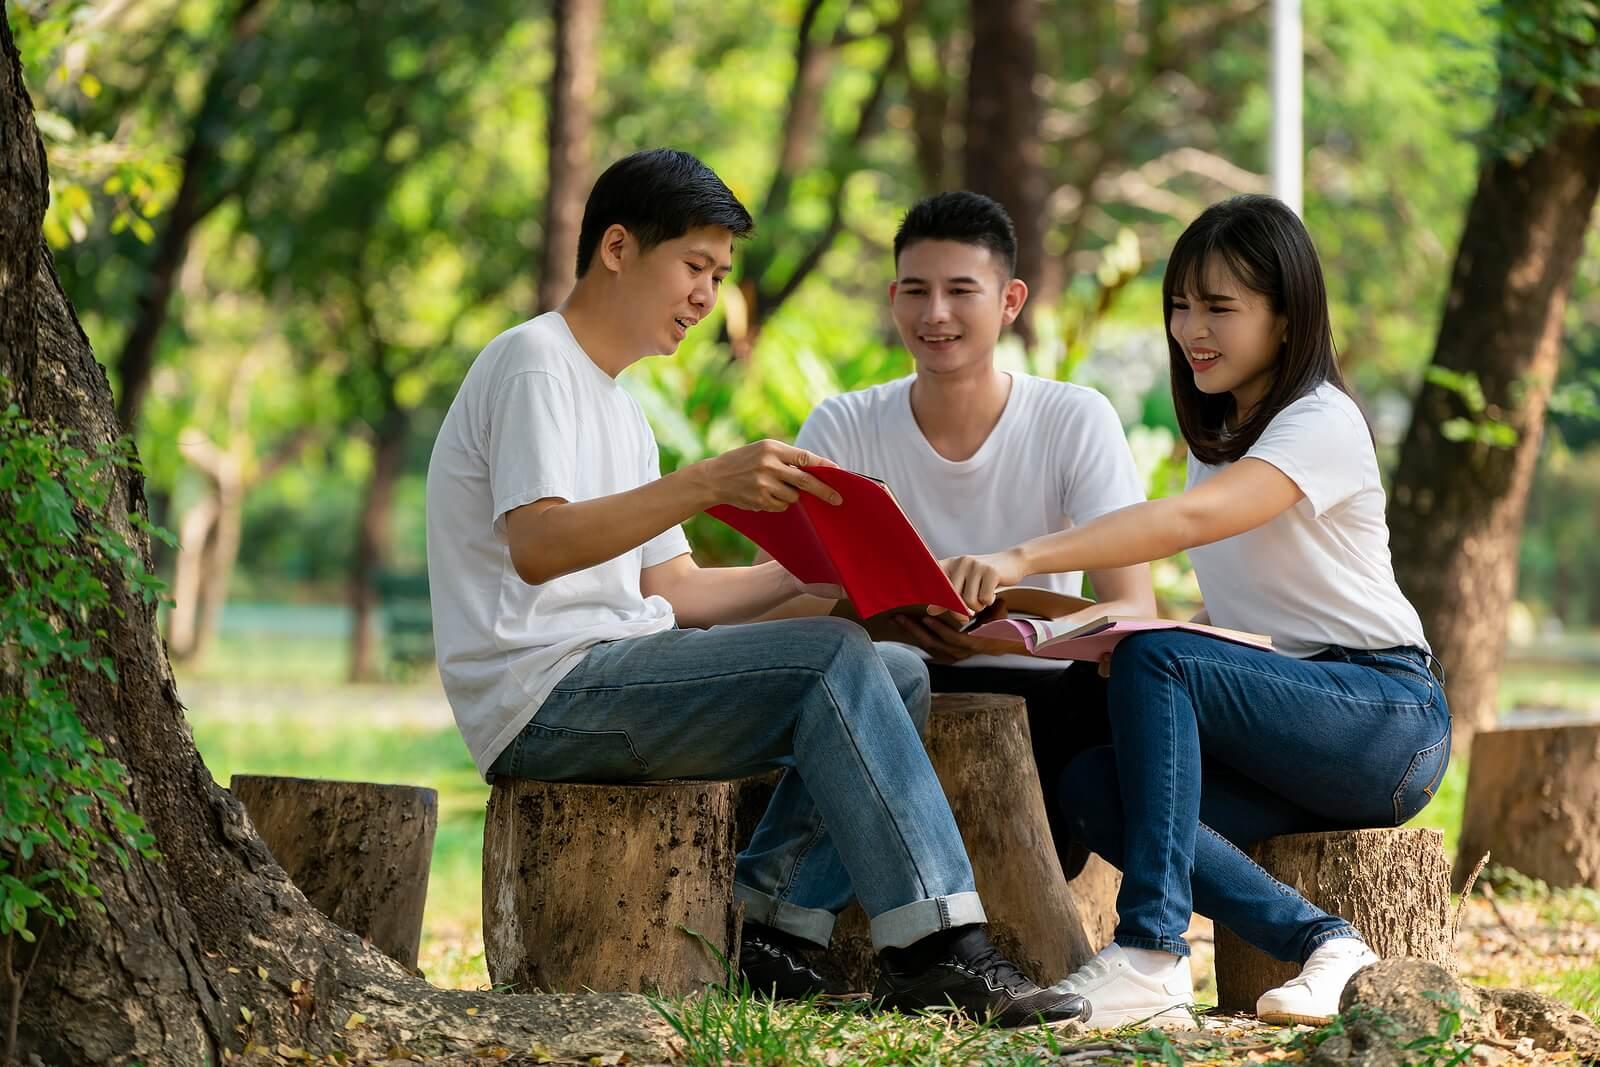 Chicos adolescentes al aire libre practicando el aprendizaje-servicio.